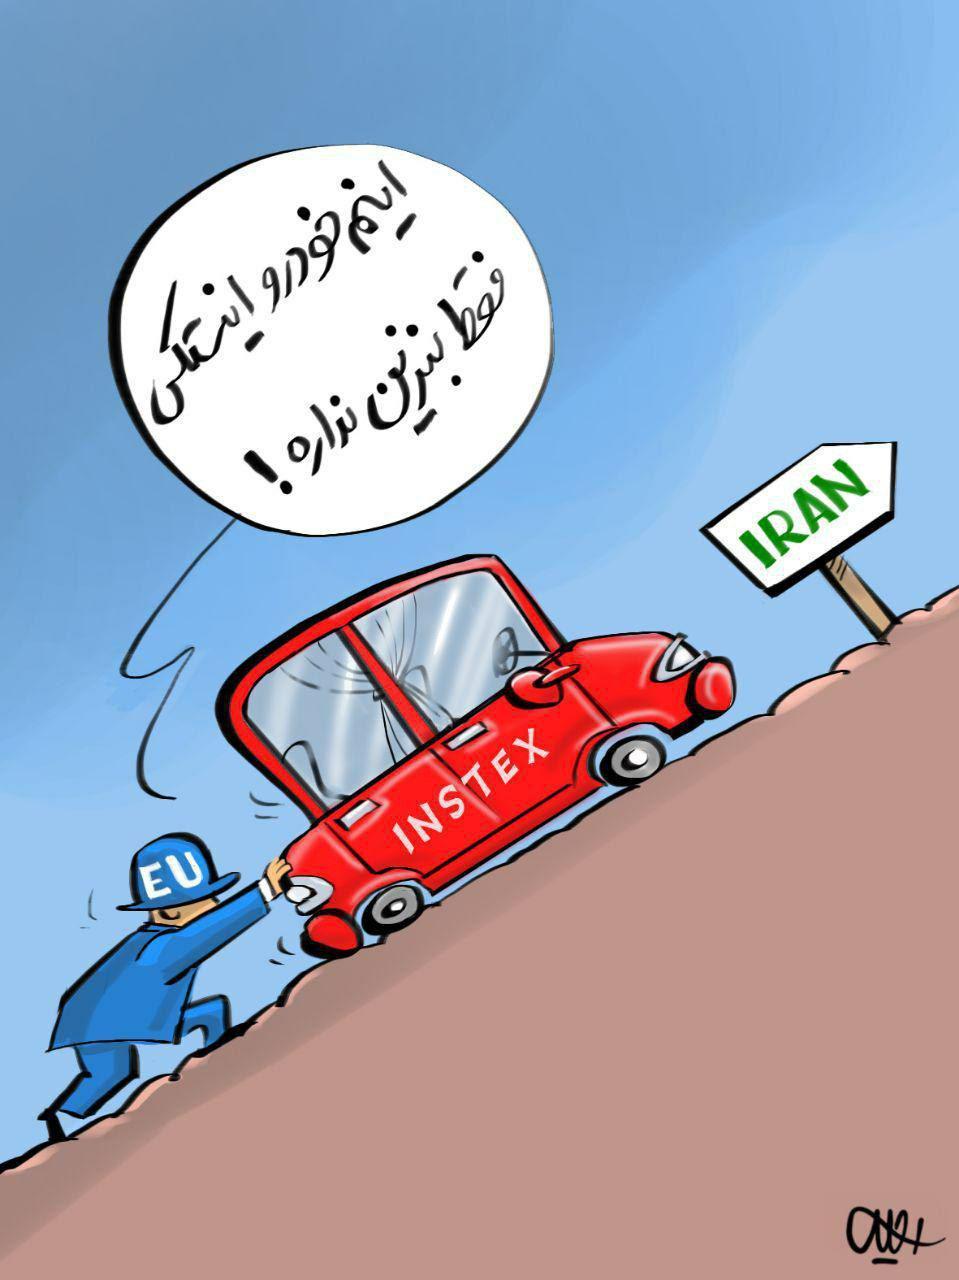 ماشین بدون بنزین اروپا برای ایران! + عکس